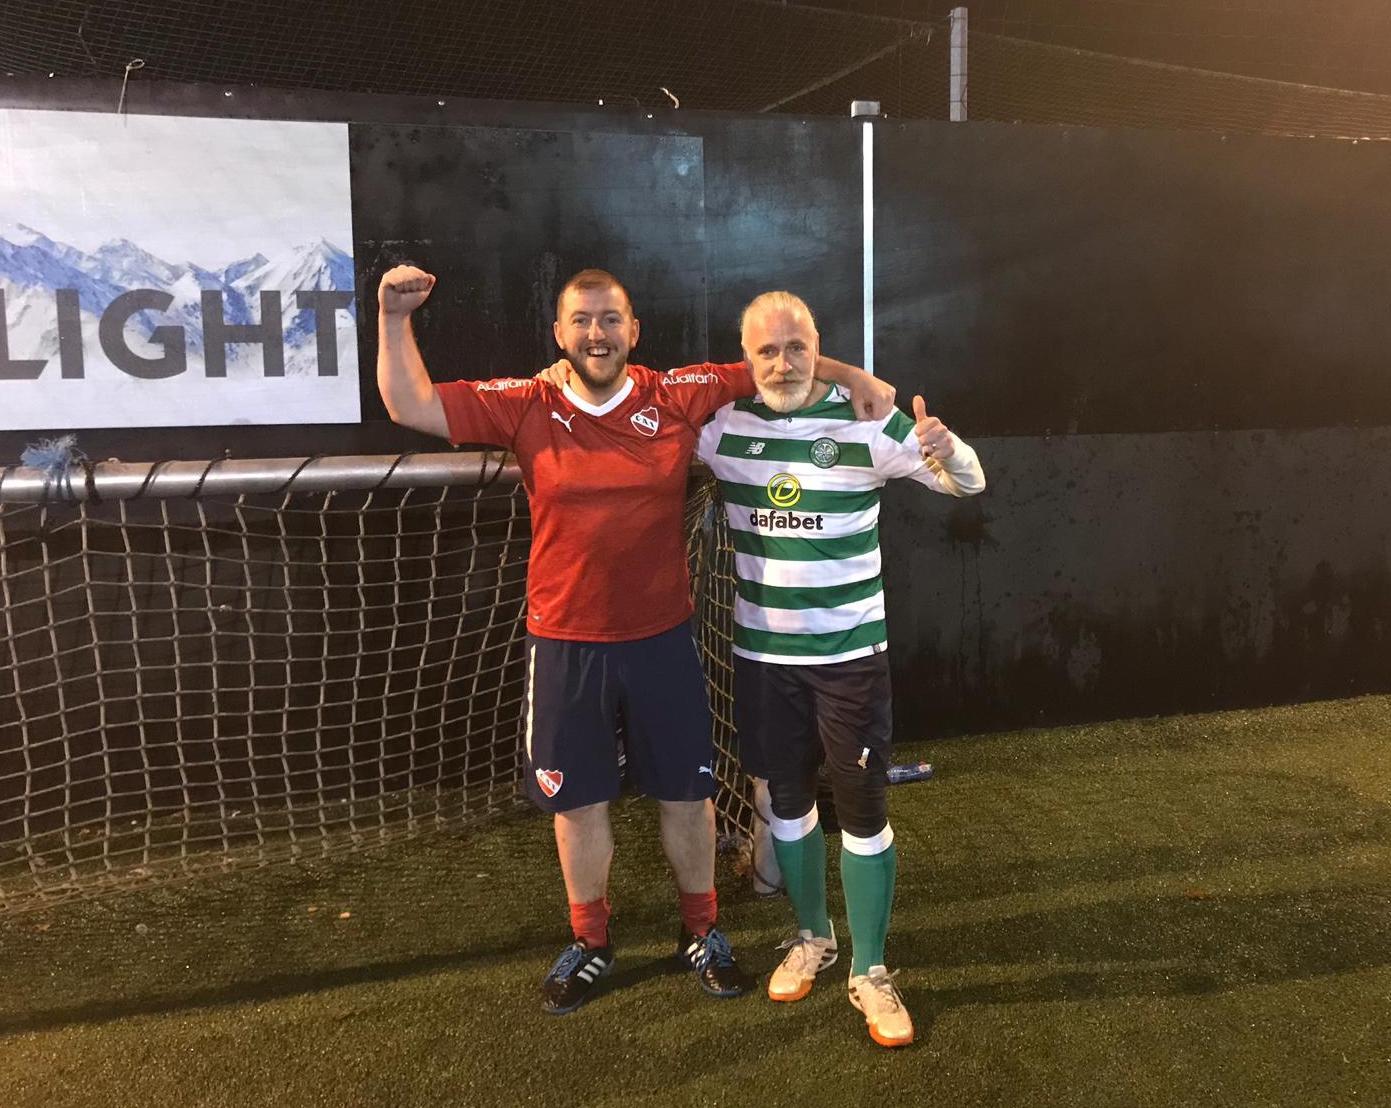 """Mark viajó de visita a Buenos Aires desde el Reino Unido y durante su estadía nos contó sobre su ya agendado """"Martes de fútbol"""" en Glasgow. Súmate a esta historia de amigos que no tiene fronteras en una nueva sección de HoySeJuega Internacional."""